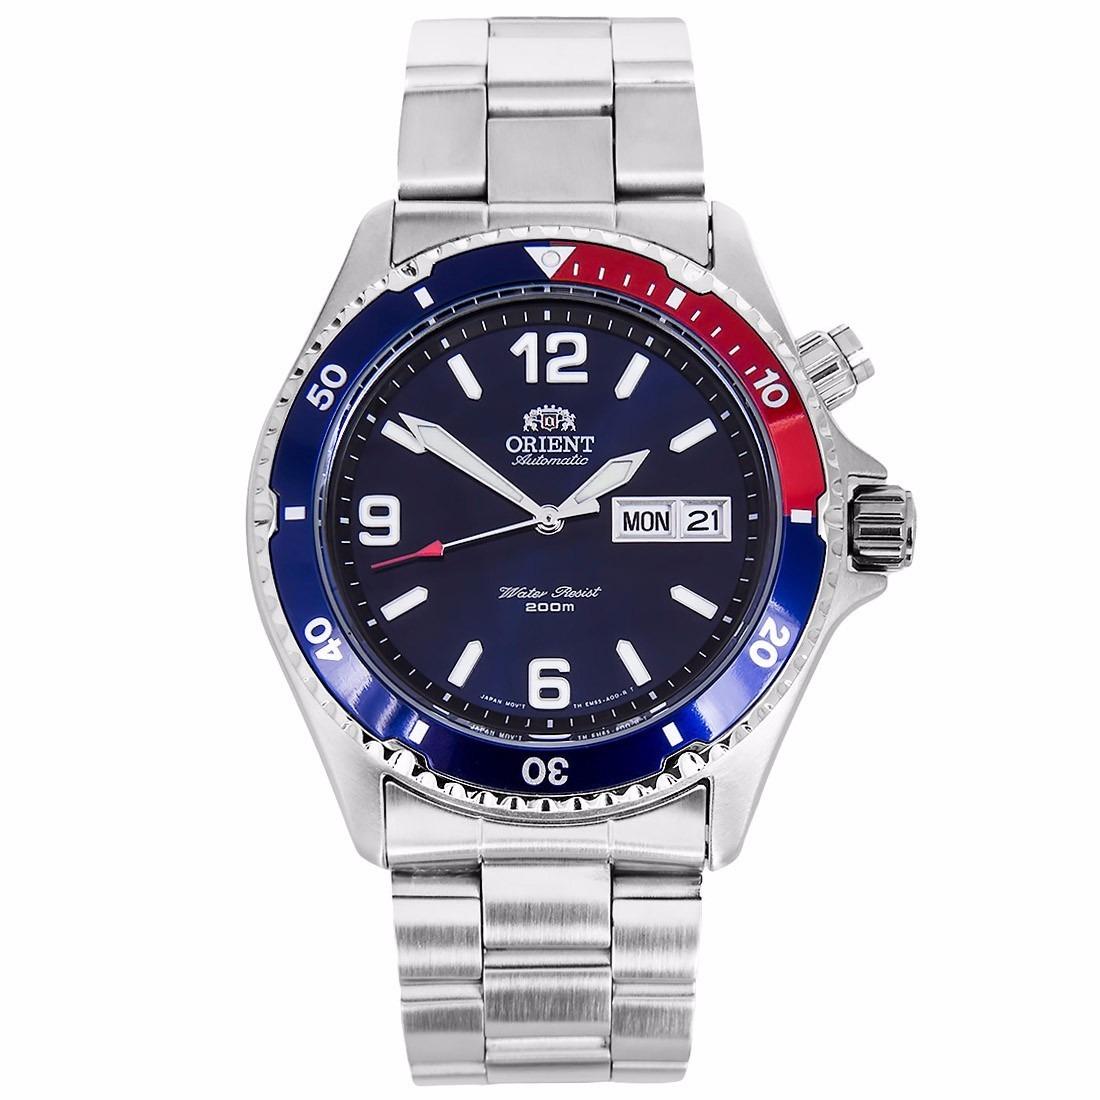 c8ad424c116 Relógio Orient Aut. Mako Fem65006dw Mergulho Garantia E Nf - R  848 ...